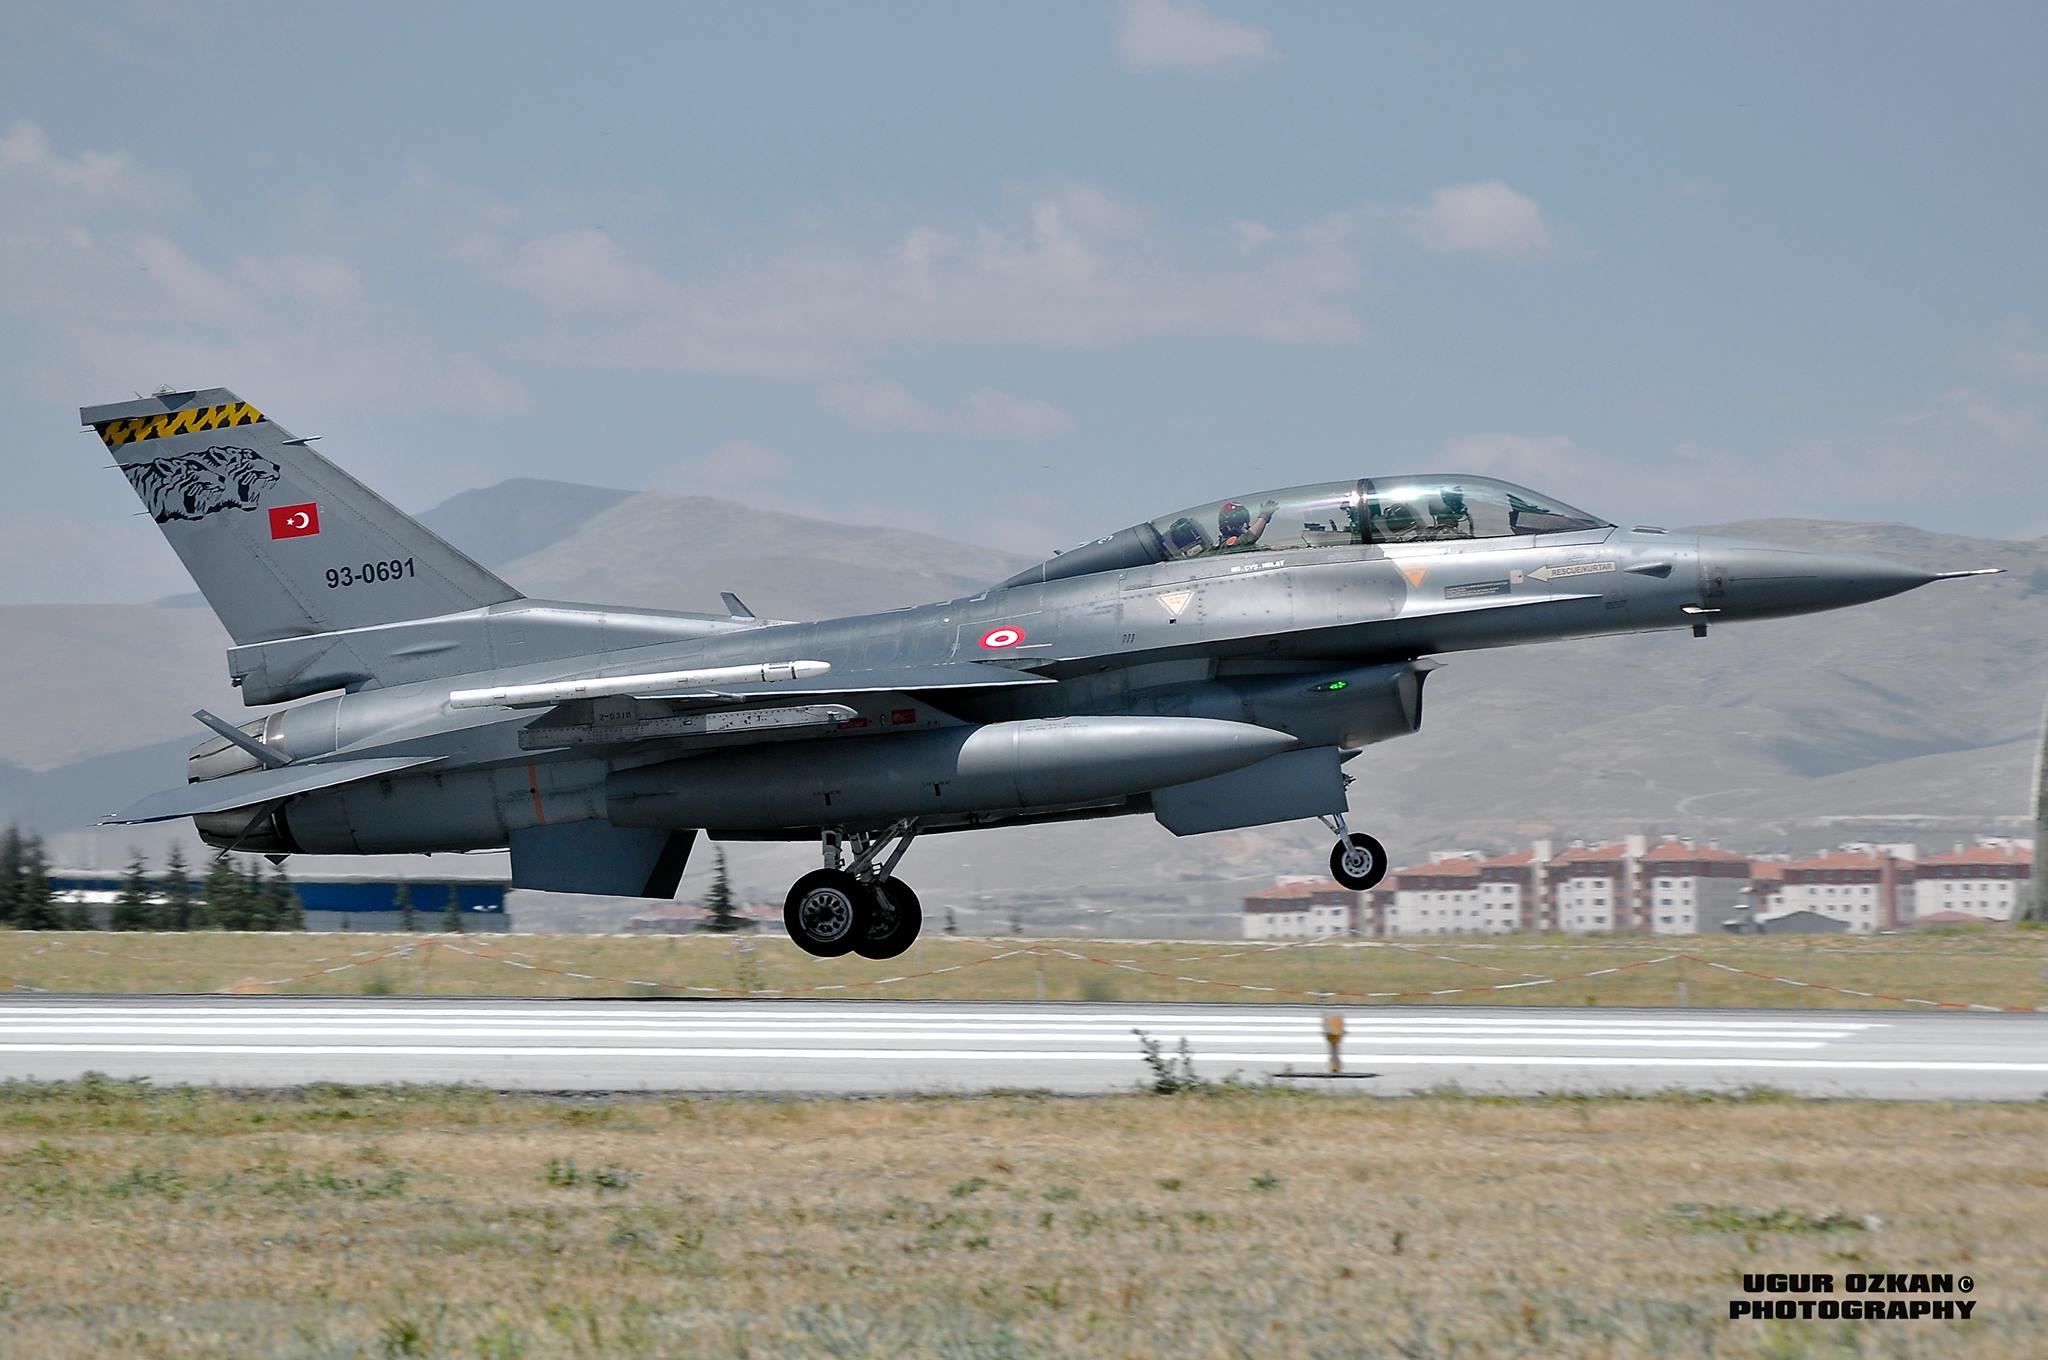 F-16 Fighting Falcon - Page 2 9101431898_312505e53c_k